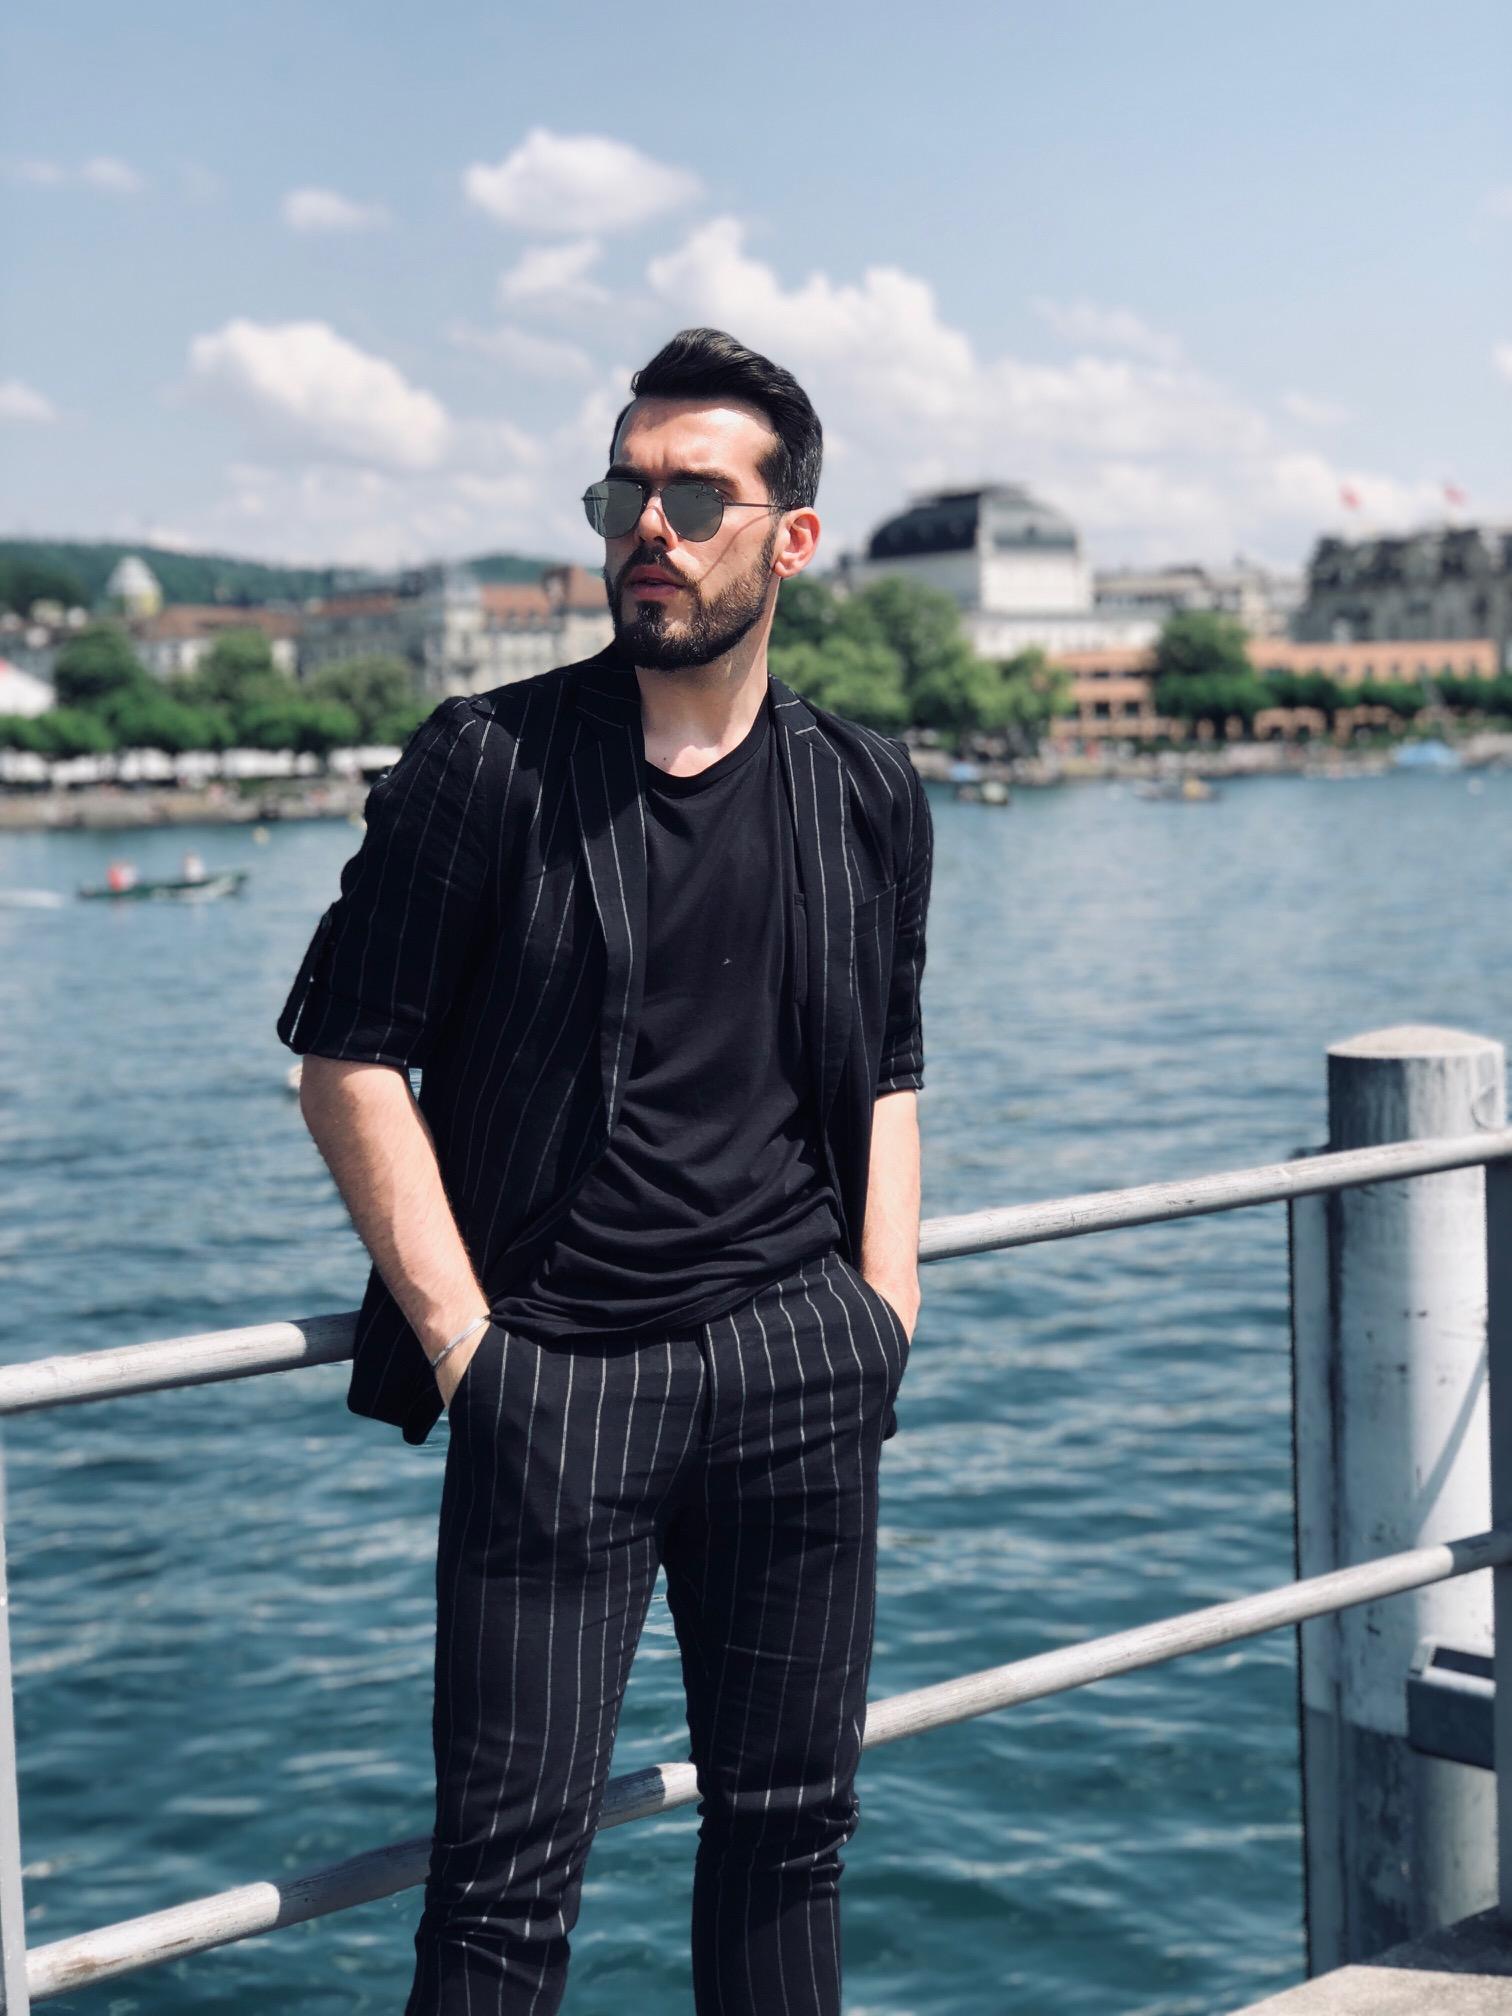 Suit: Antony Morato